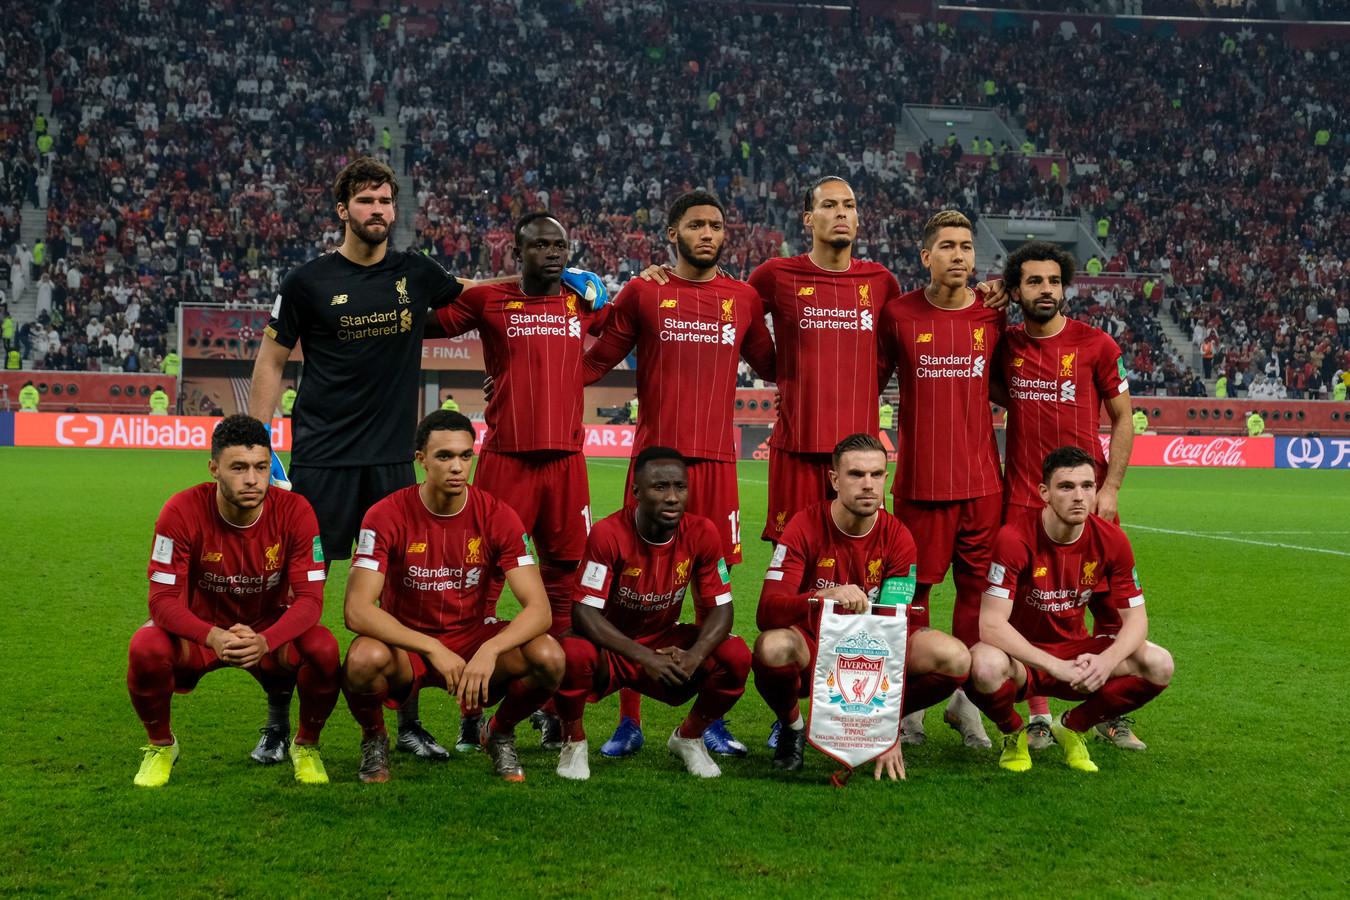 De basis van Liverpool tijdens het WK voor clubteams.